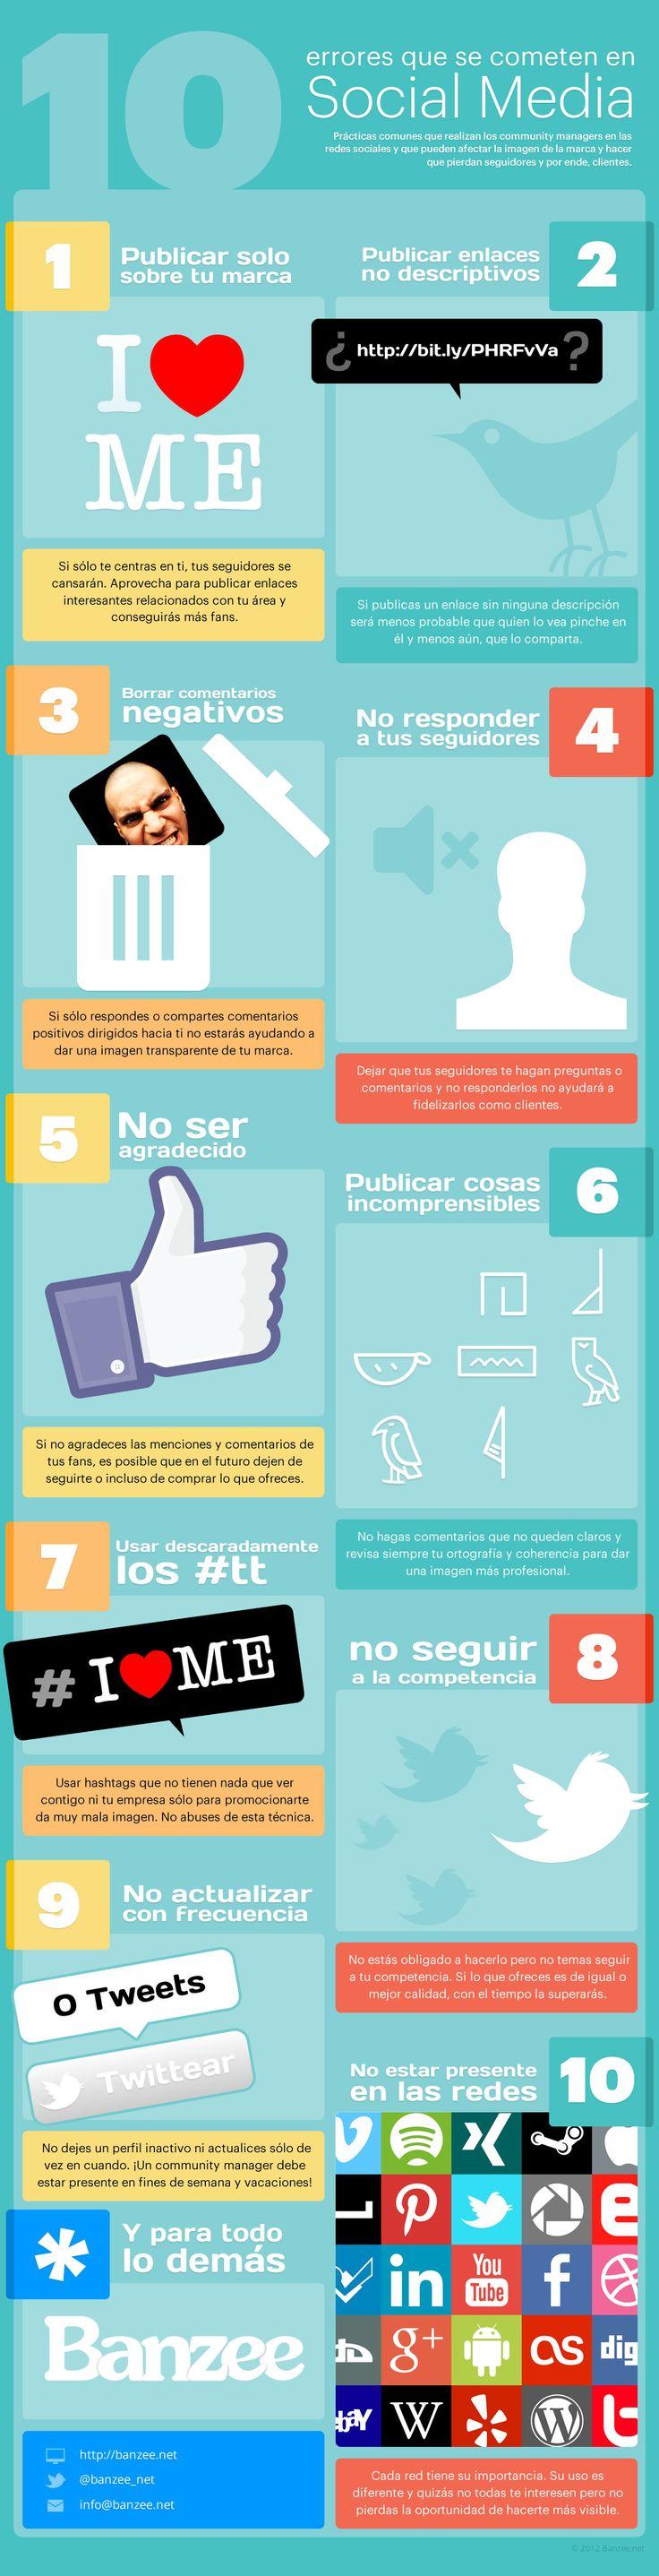 10 errores que se suelen cometer en Redes Sociales #social #socialmedia #internet